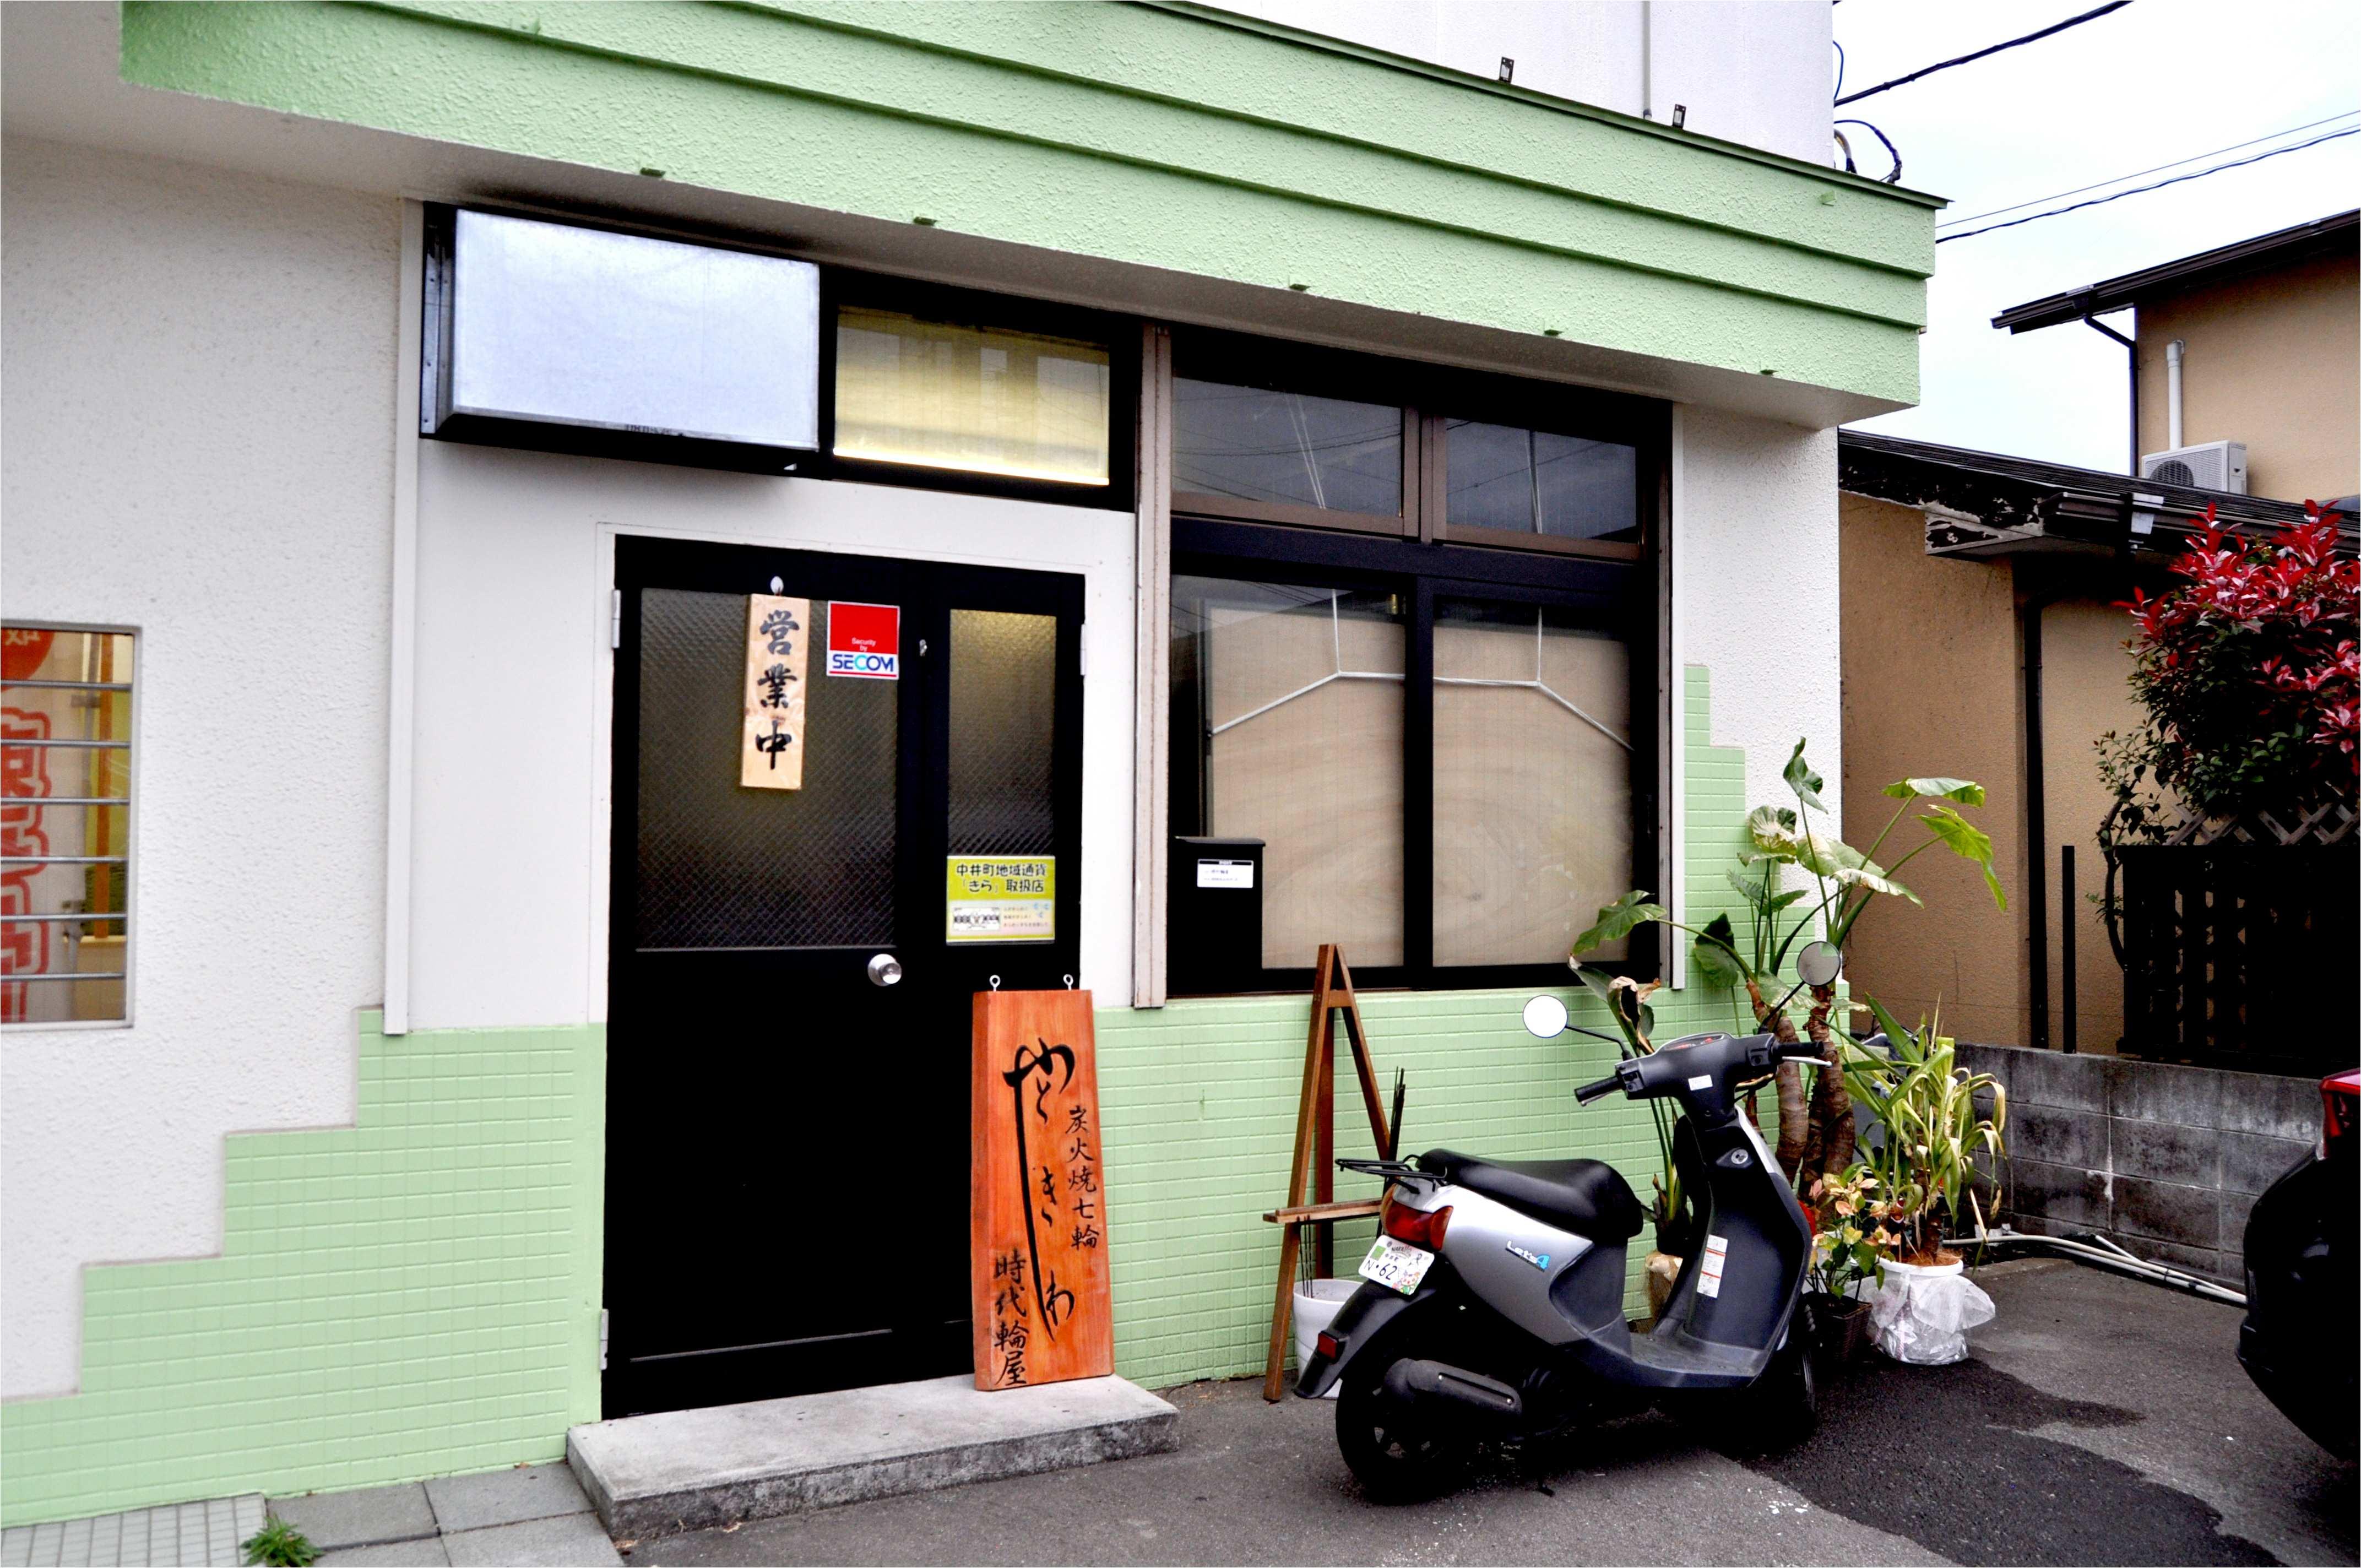 秦野で人気の焼肉店の2号店